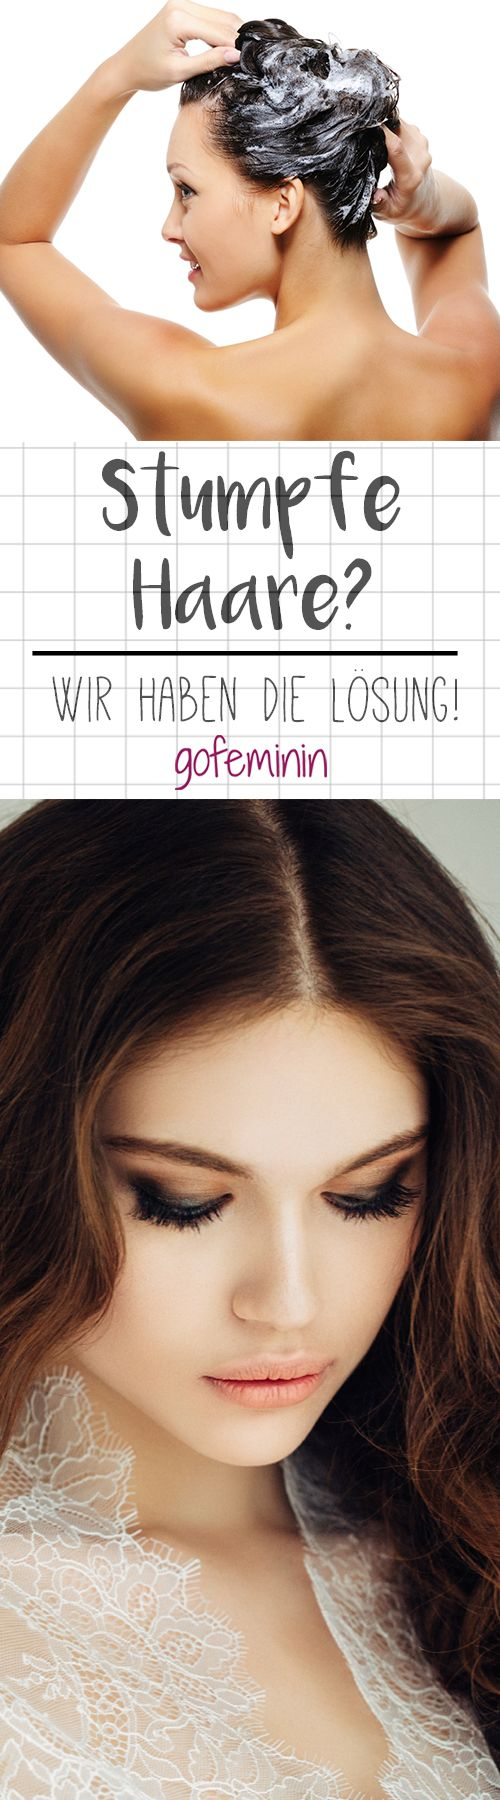 Psst... ihr wollt schöne Haare? Dann schaut doch mal auf gofeminin.de: Das Beauty-Special für kräftigere & volle Haare